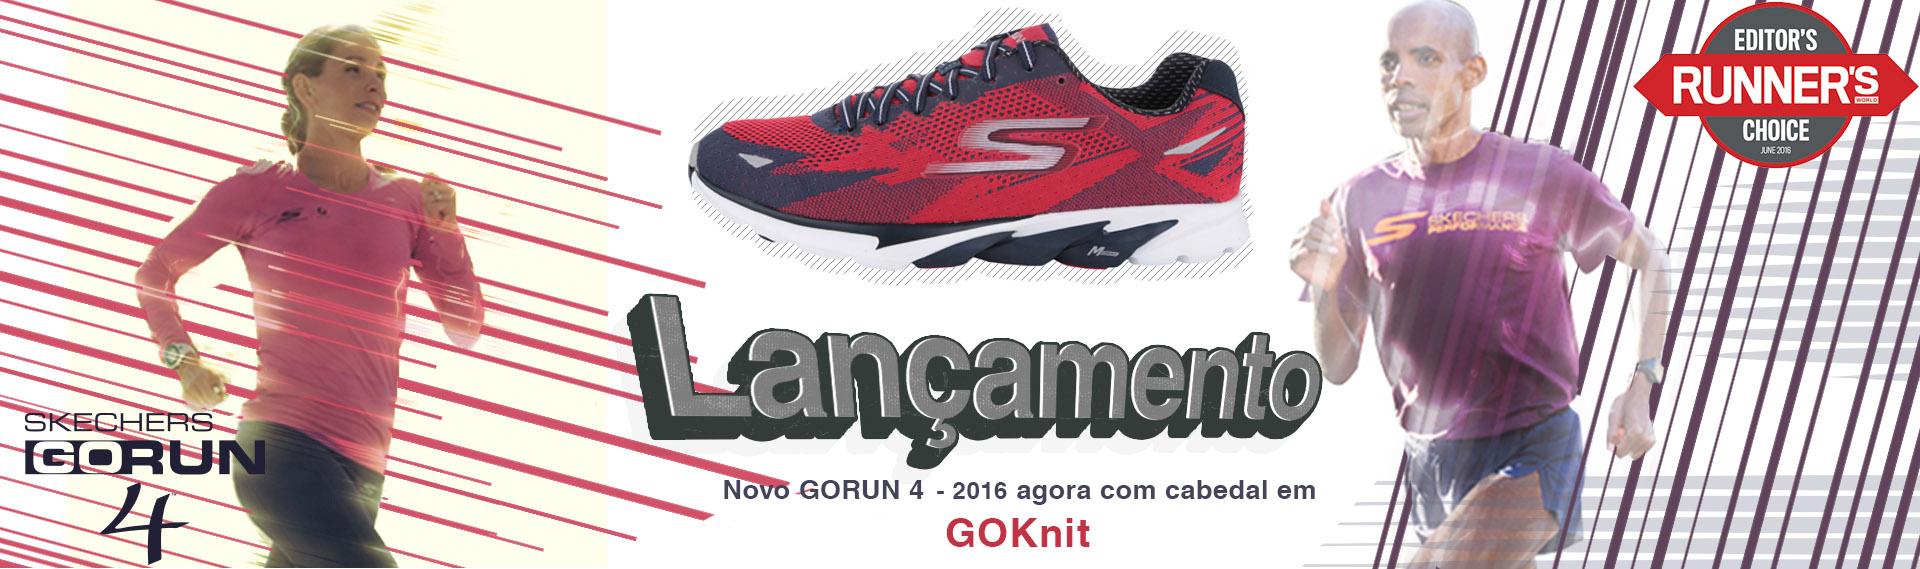 Lançamento - Skechers Gorun 4 - 2016